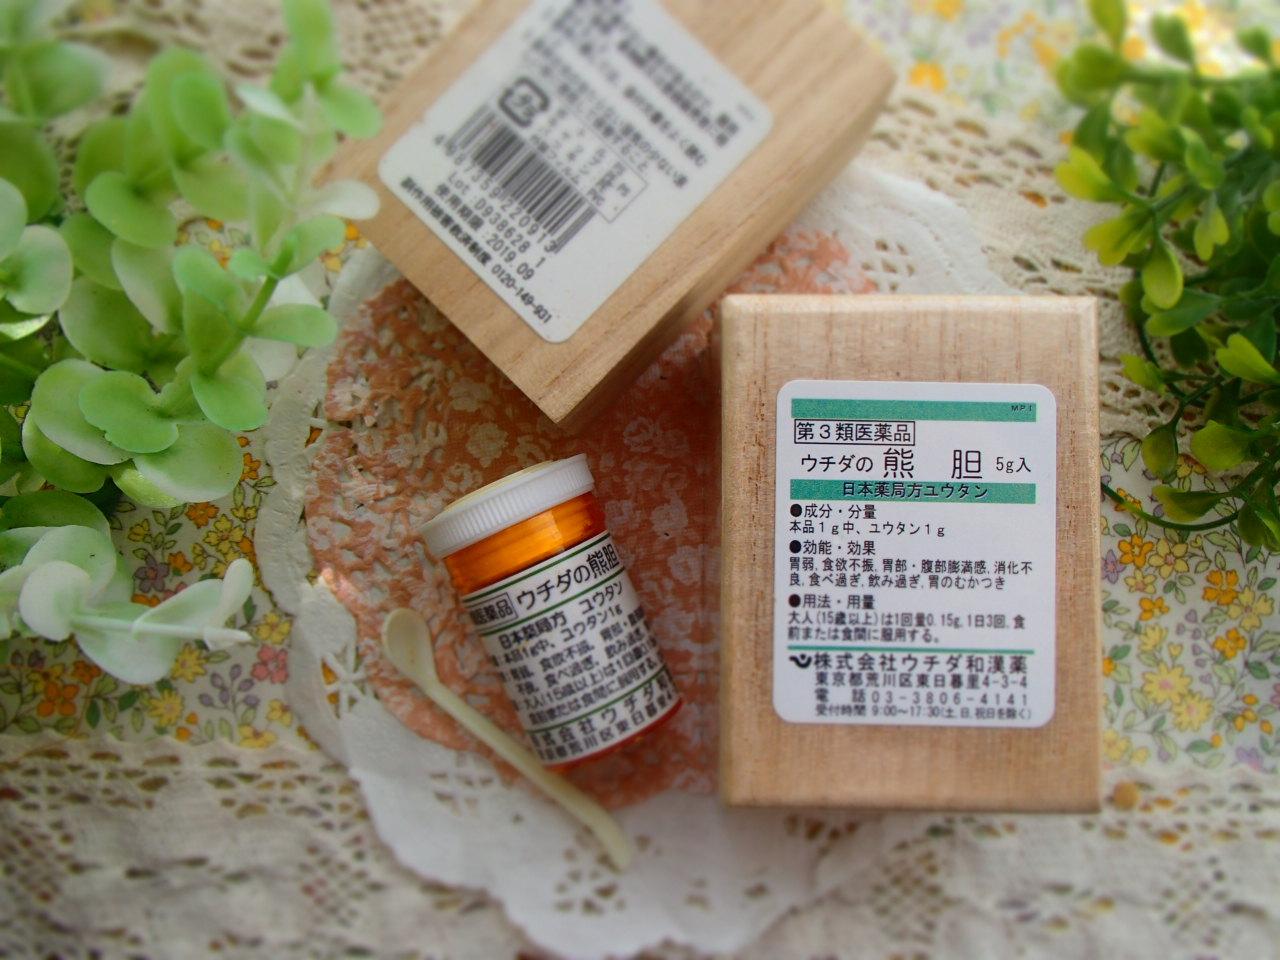 熊胆ゆうたん(ウチダ和漢薬)5g(砕) (カナダ産)ウチダ和漢薬